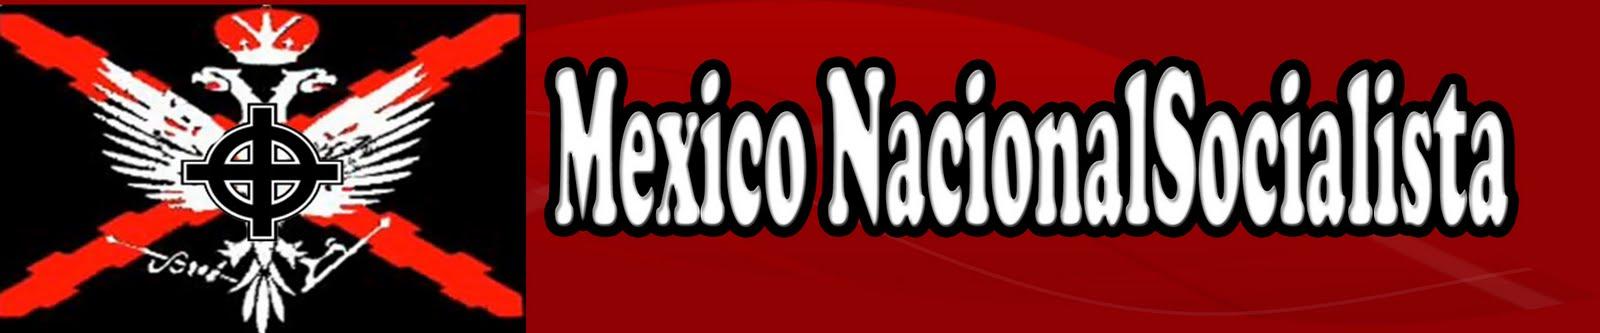 Mexico Nacional Socialista